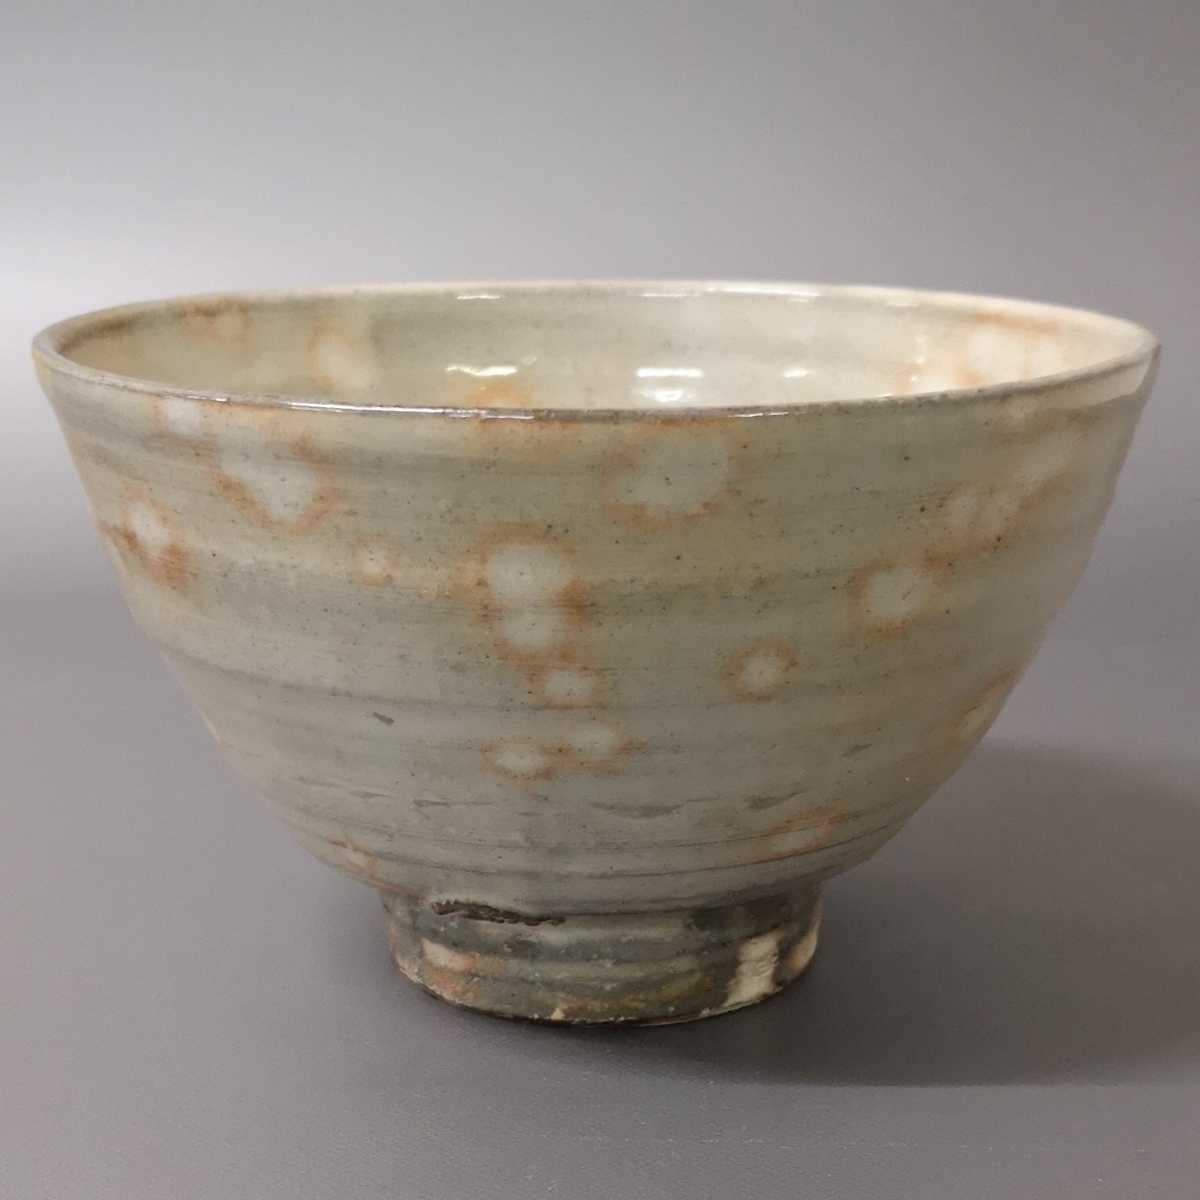 想28)萩焼 山根清玩 御飯茶碗 飯碗 未使用新品 同梱歓迎_画像1